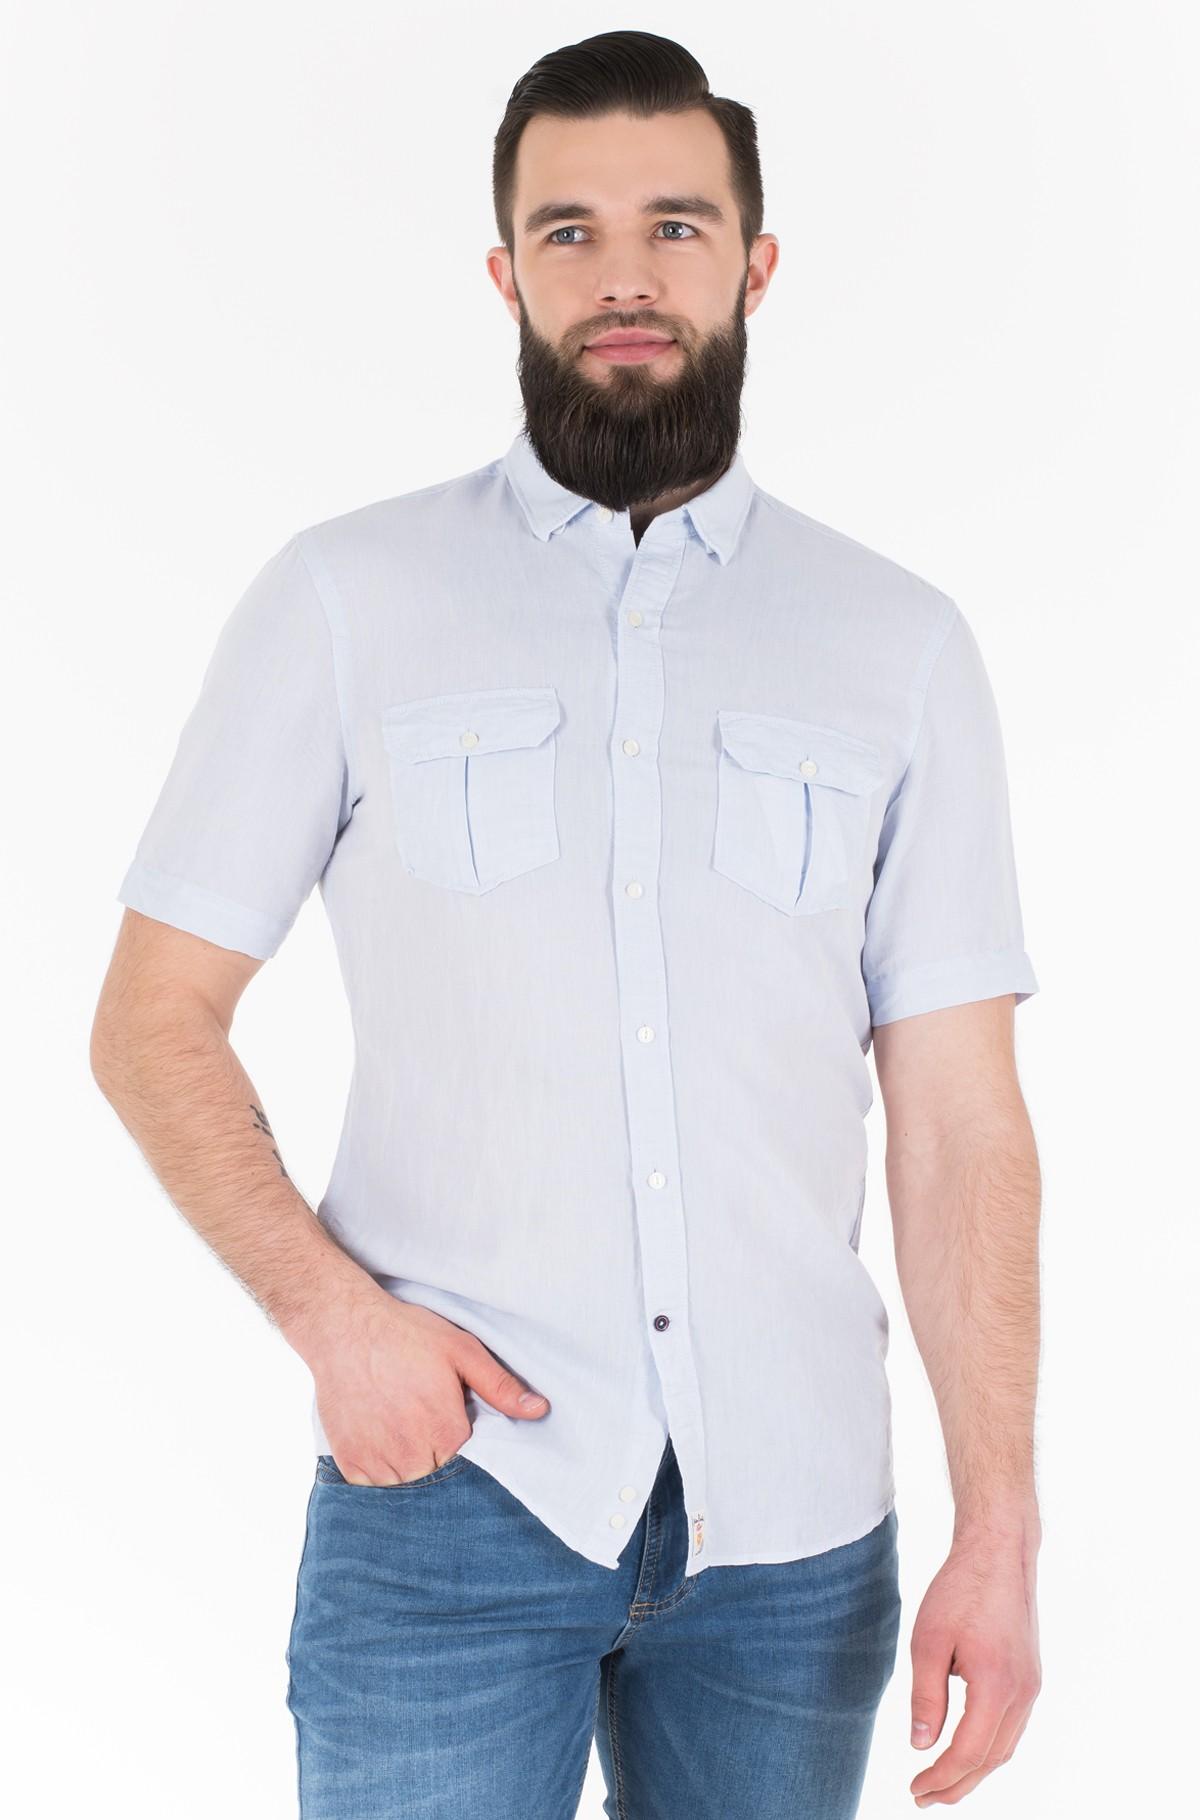 Marškiniai su trumpomis rankovėmis 52200-26718-full-1